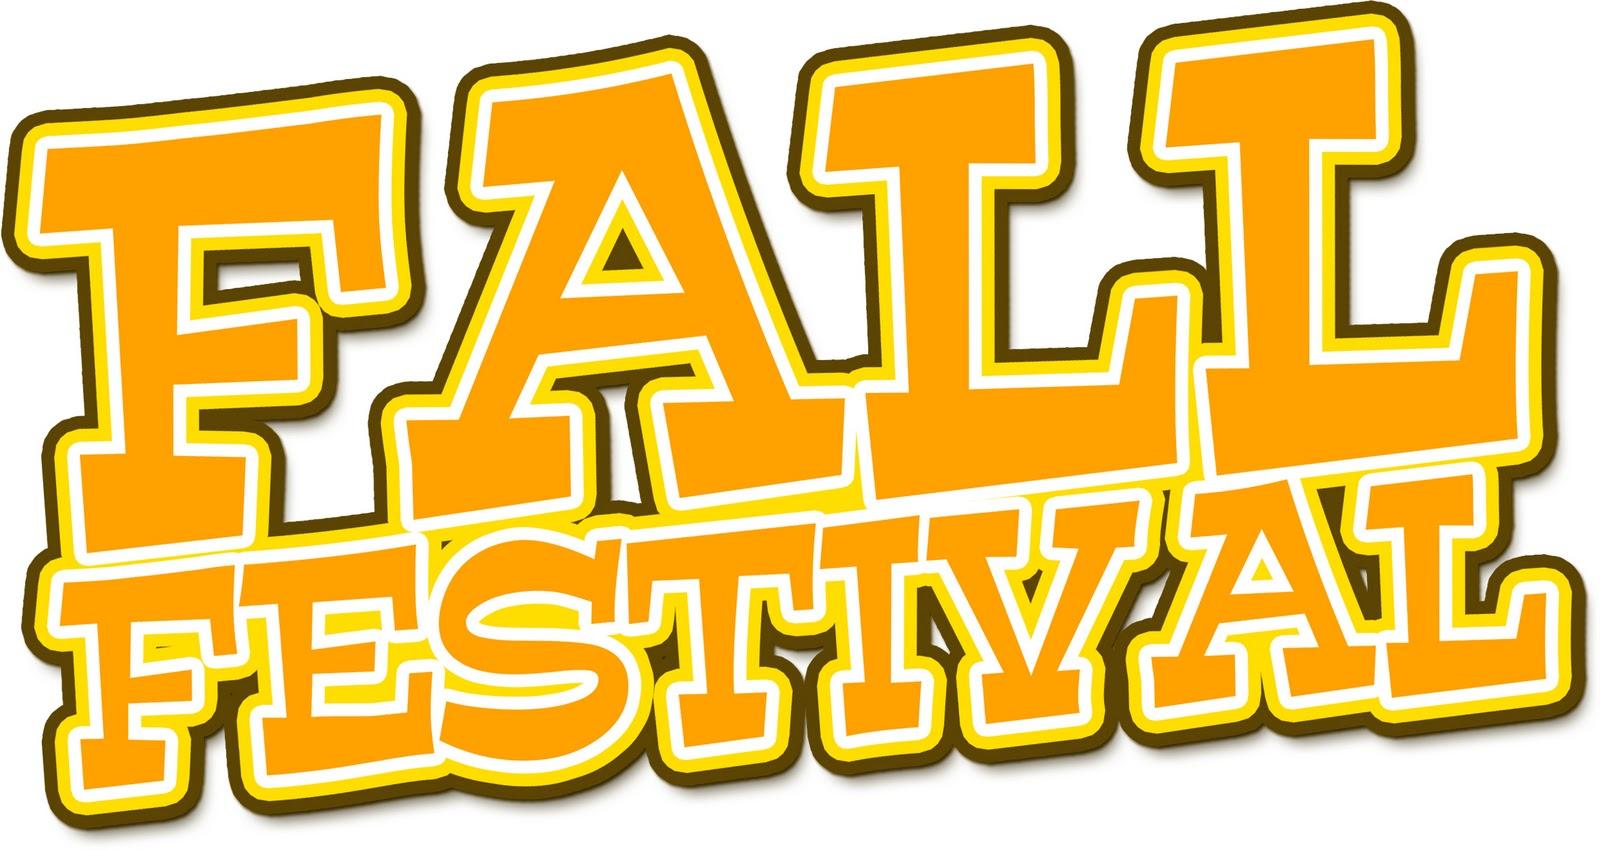 Festival clipart fun day #5